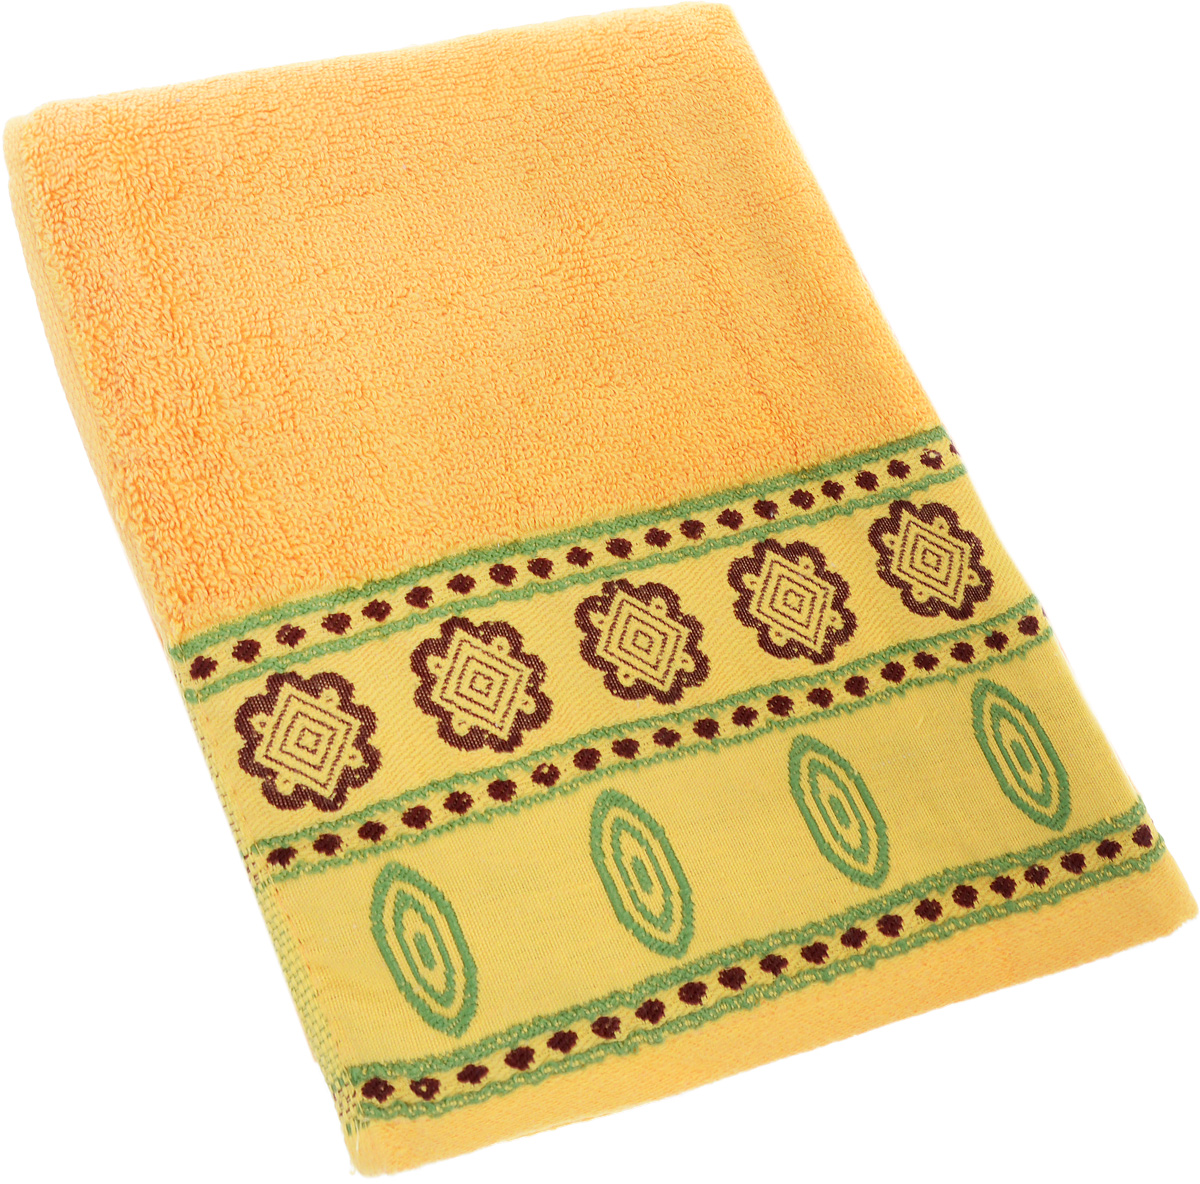 Полотенце Soavita Bruno, цвет: желтый, 50 х 90 см64041Полотенце Soavita Bruno выполнено из 100% хлопка. Изделие отлично впитывает влагу, быстро сохнет, сохраняет яркость цвета и не теряет форму даже после многократных стирок. Полотенце очень практично и неприхотливо в уходе. Оно создаст прекрасное настроение и украсит интерьер в ванной комнате.